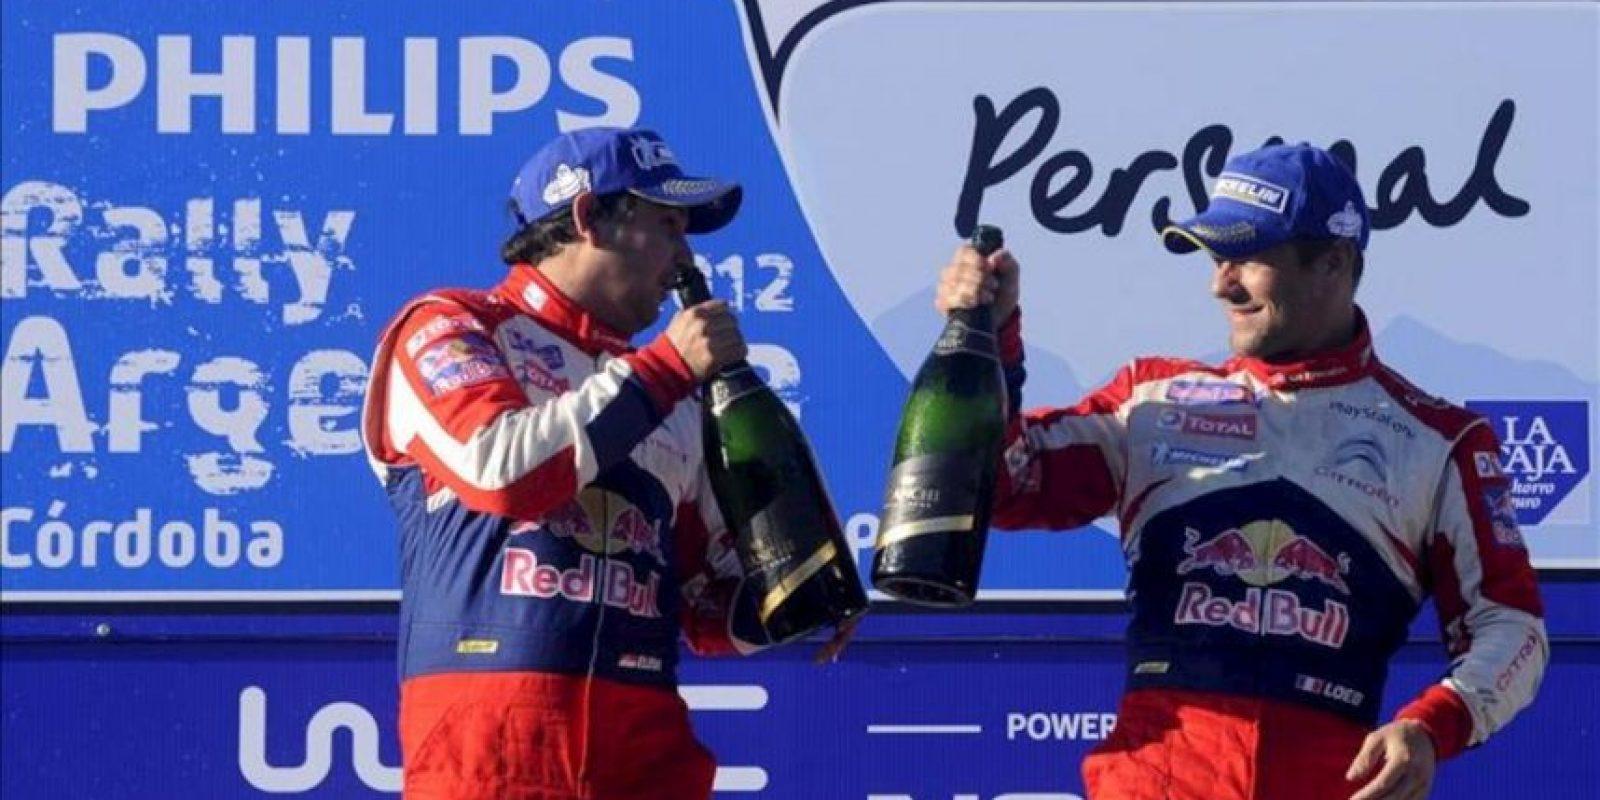 El piloto francés Sebastian Loeb (d) y su copiloto, Daniel Elena (i), celebran después de ganar el rally de Argentina 2012 en Villa Carlos Paz (Argentina). El rally de Argentina es la quinta cita del año de un total de trece del Campeonato de Rally de la FIA. EFE